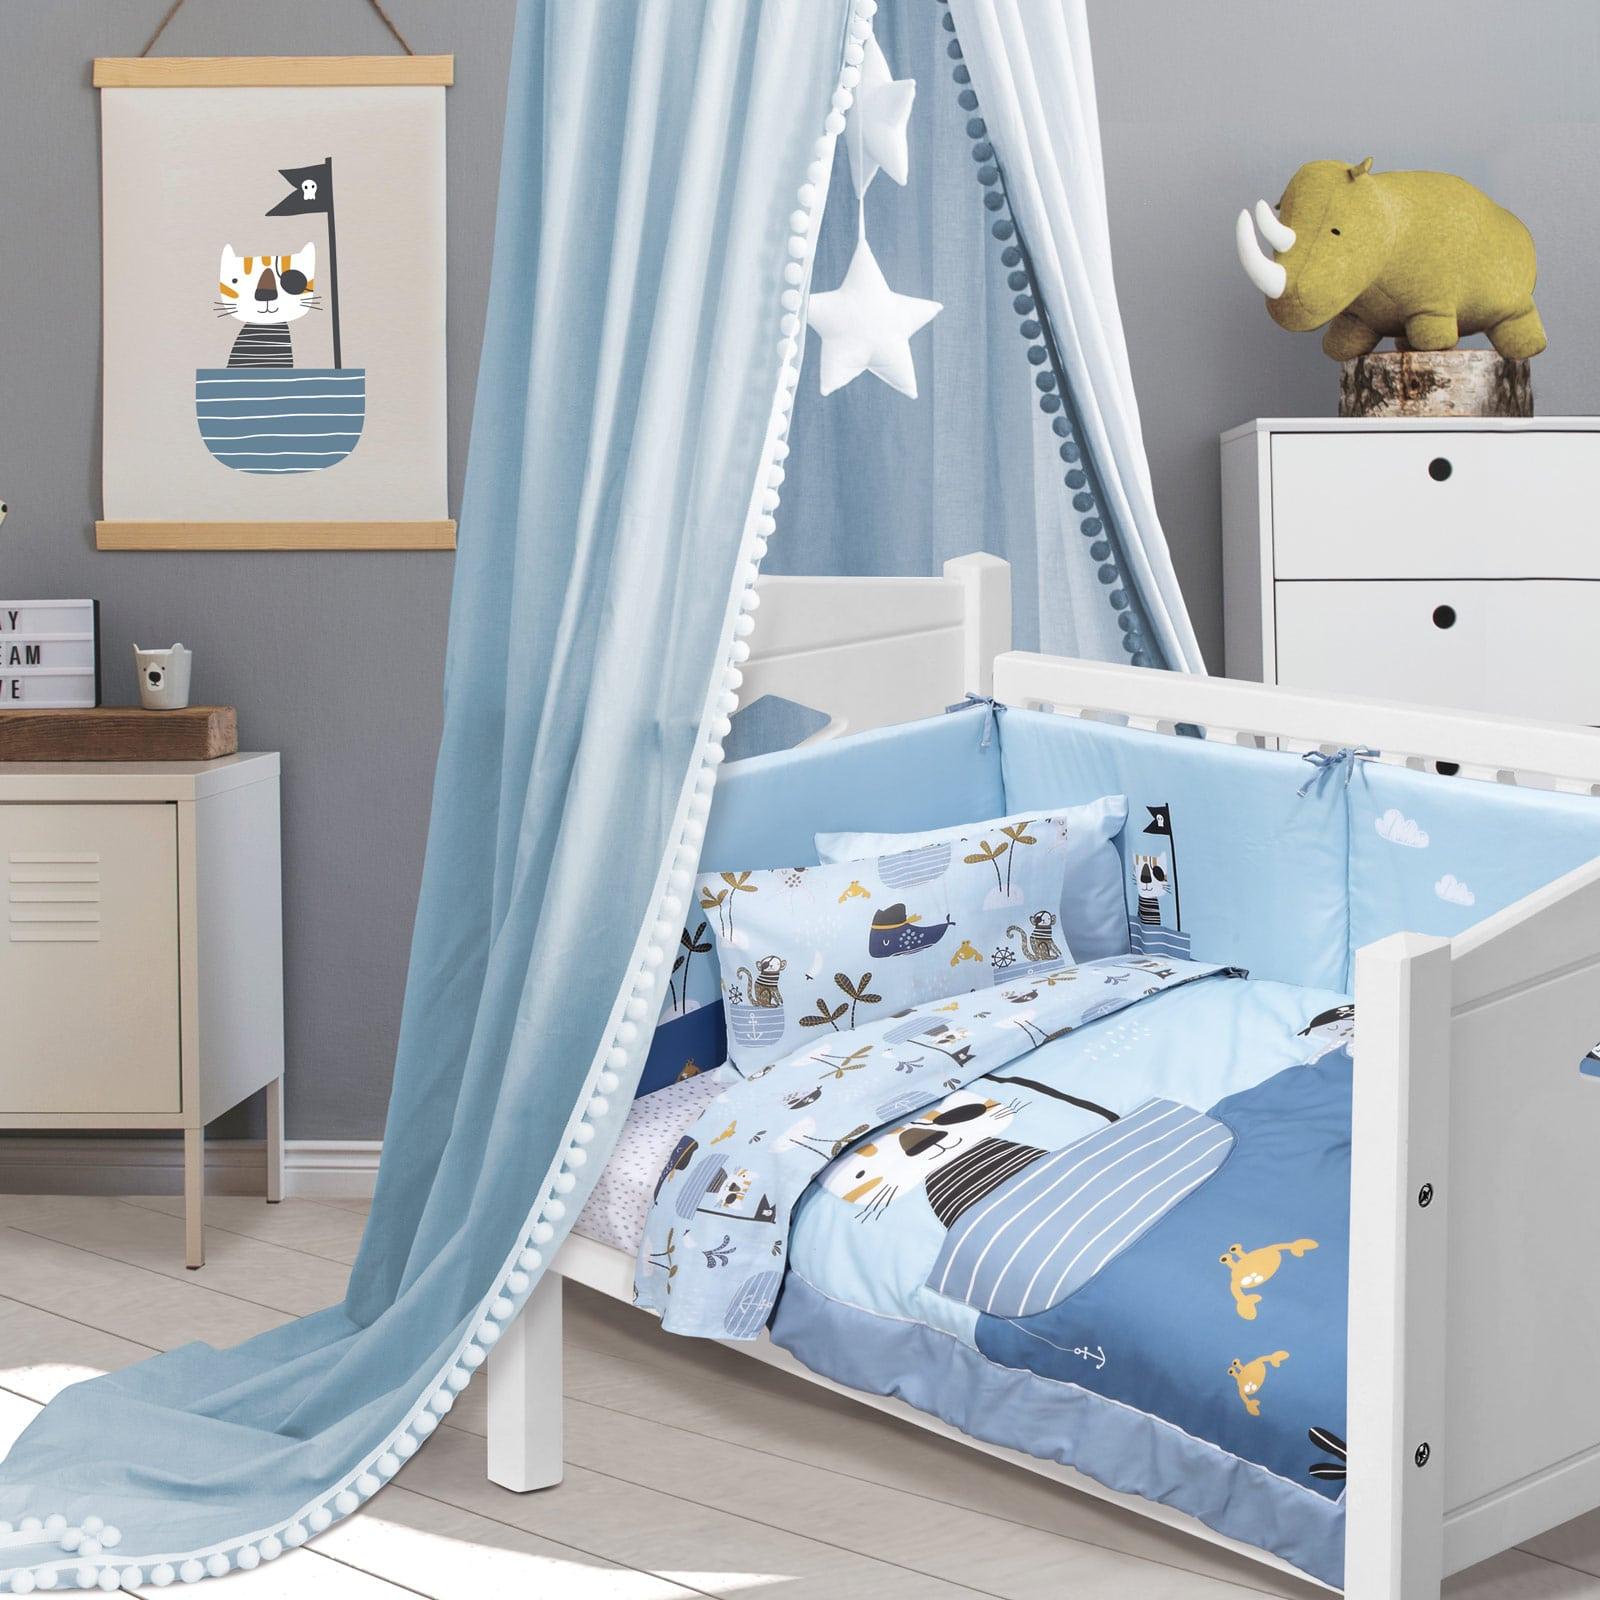 Κουβερλί Βρεφικό 4748 Baby Fun Digital Light Blue-Ocher Das Home 110x150cm